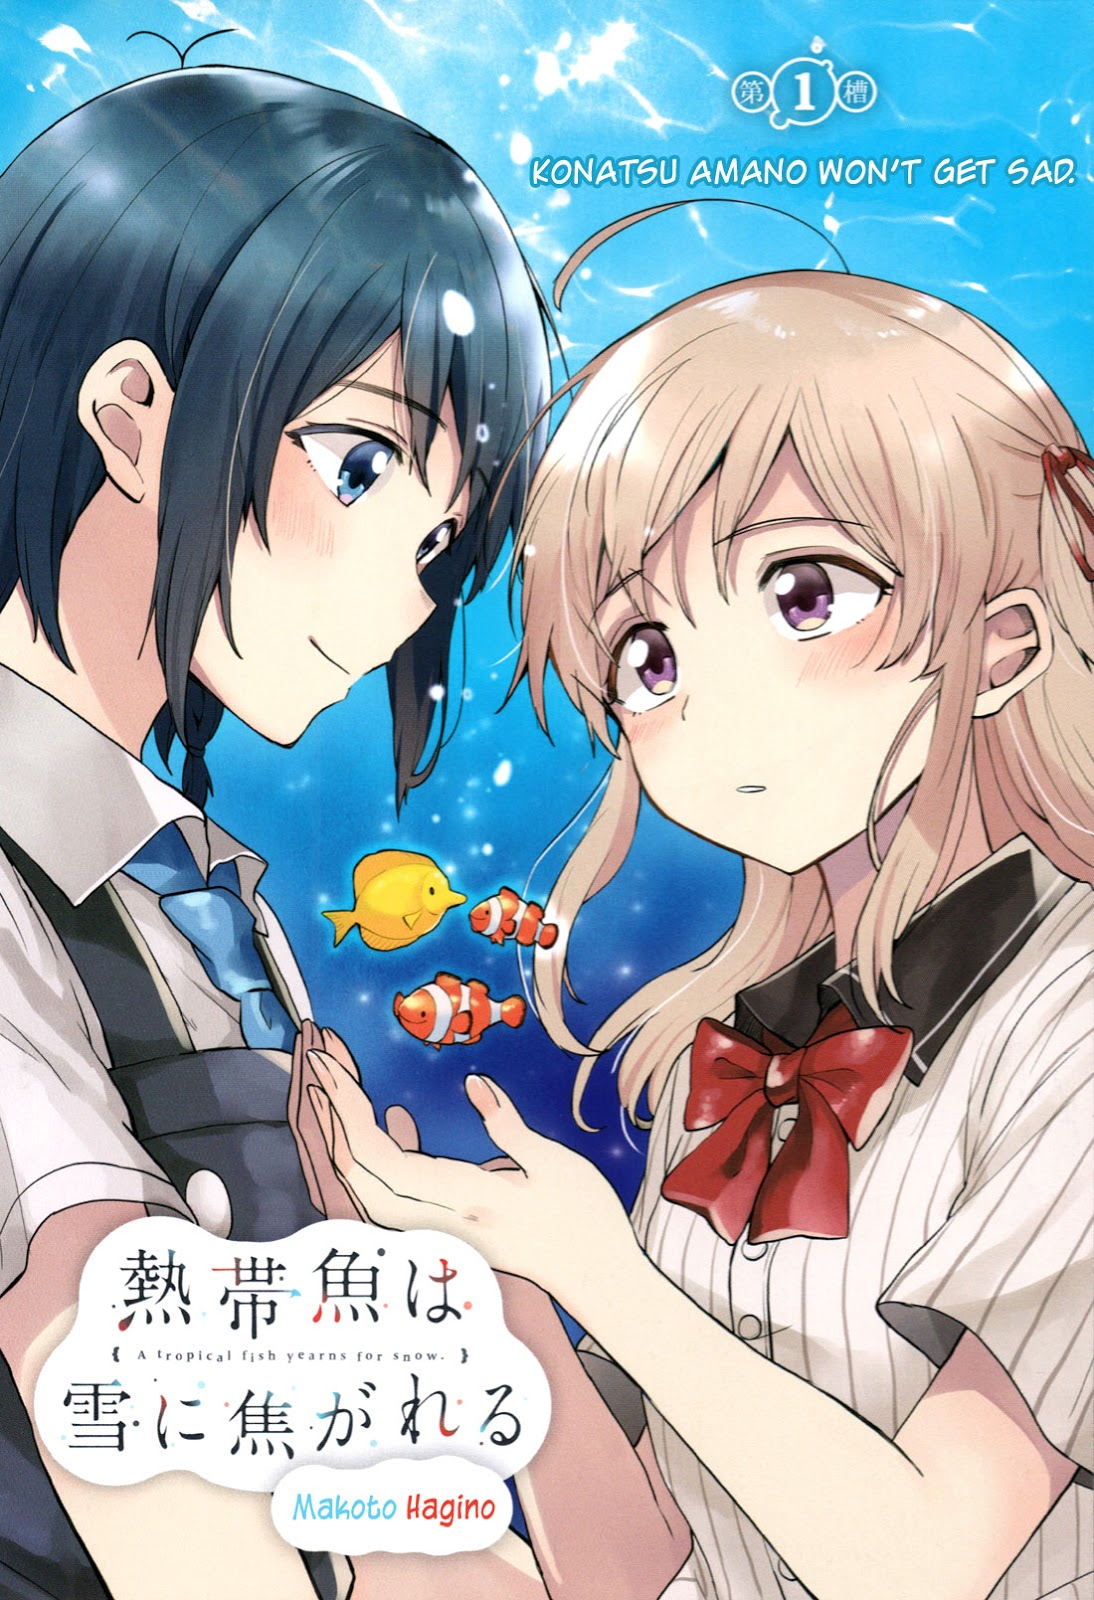 %255BHachimitsu Scans%255D Nettaigyo v01 c01 04 - Un pellegrinaggio basato su un manga Yuri. Sì, c'è anche questo in Giappone